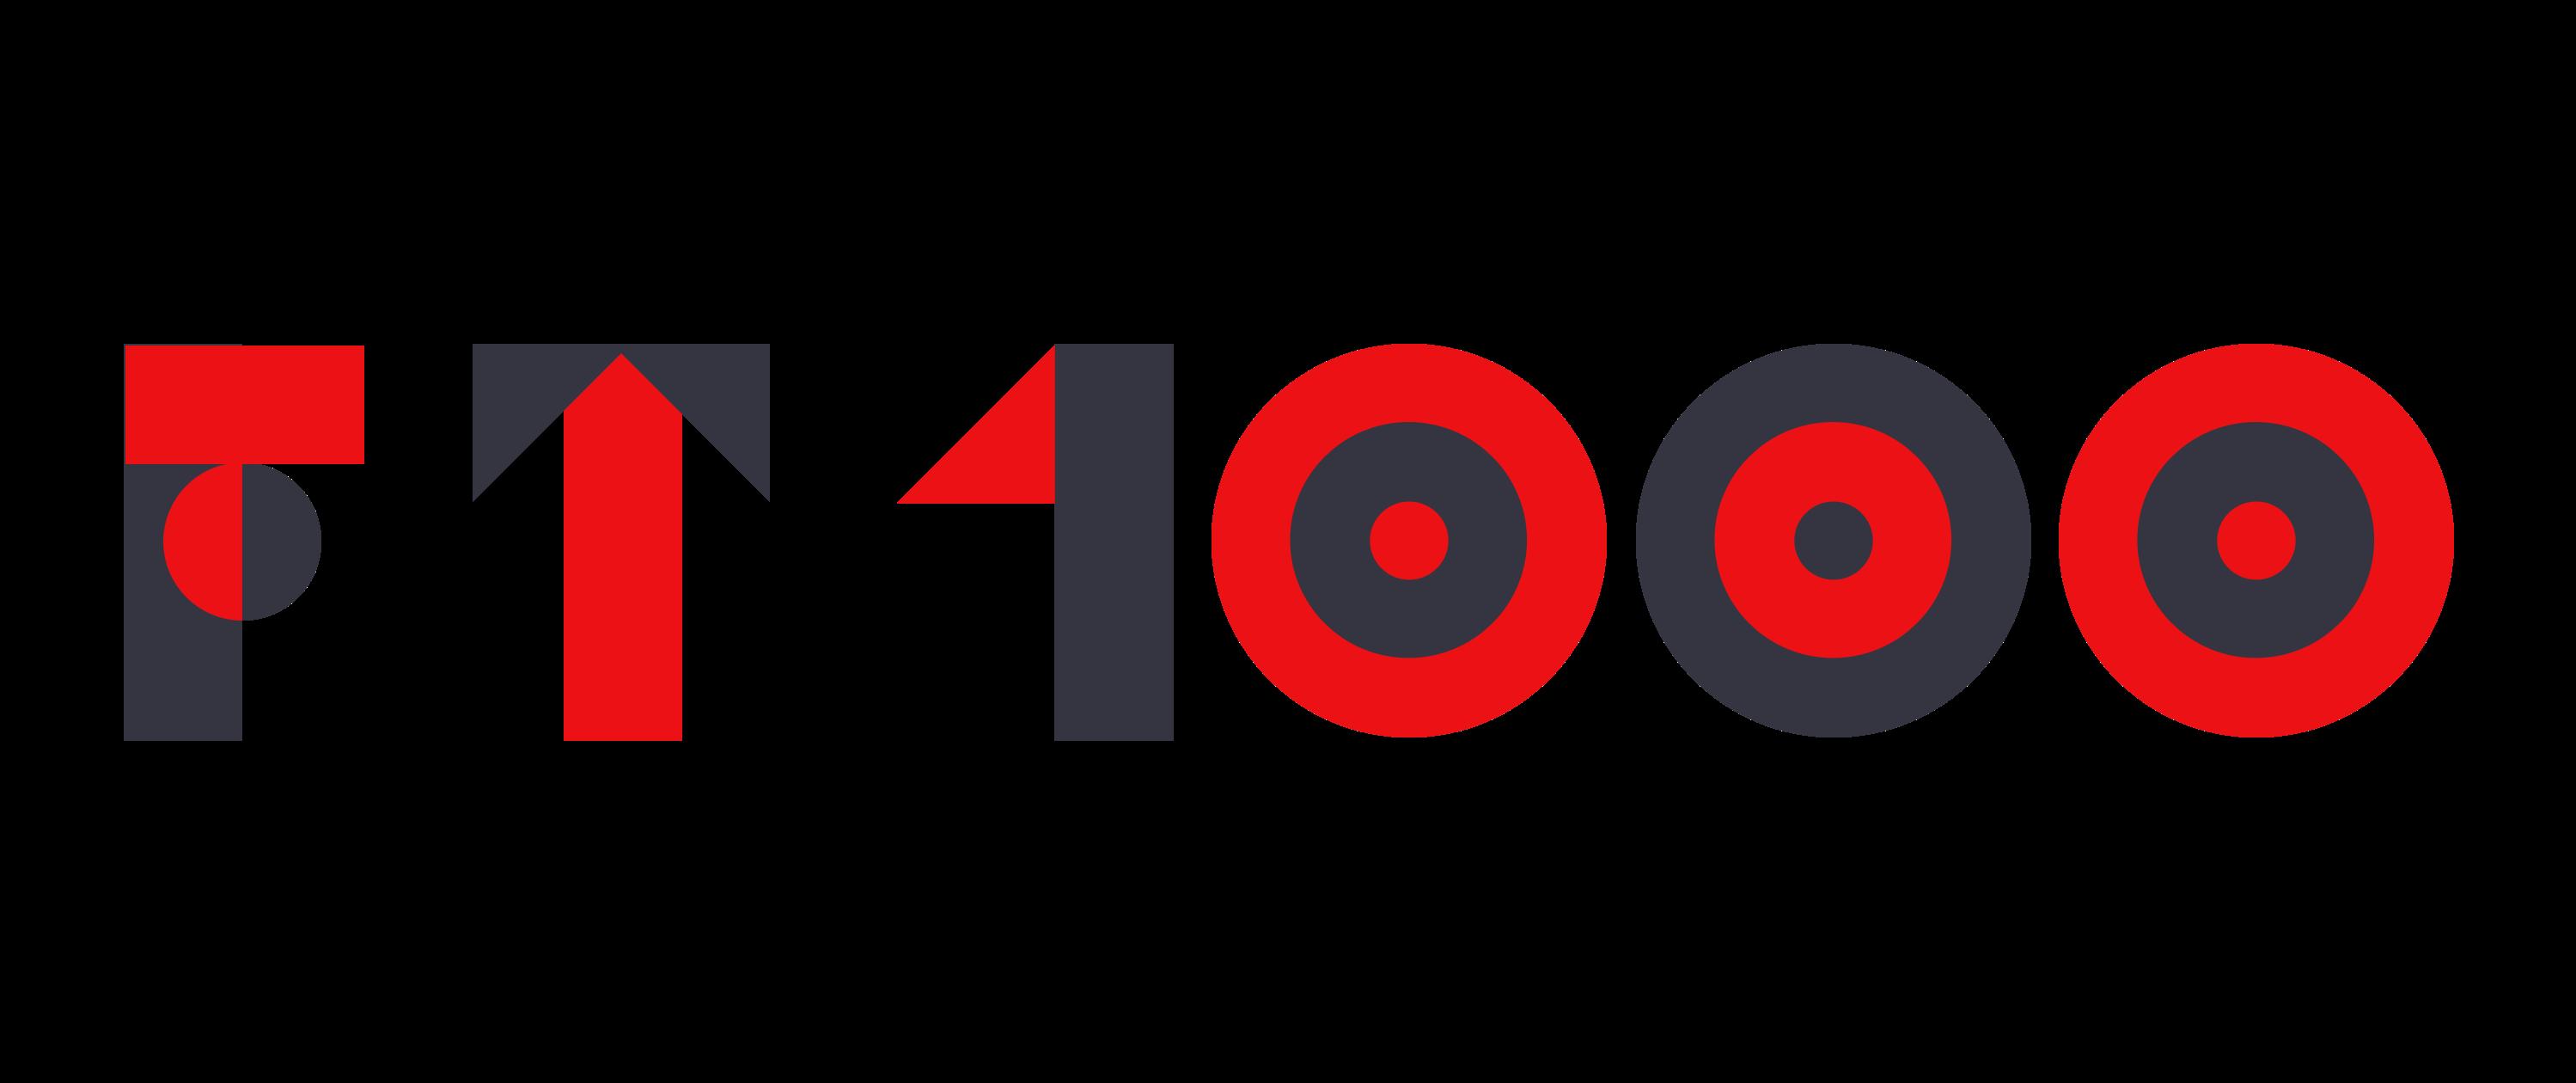 FT1000-3@2x (1)